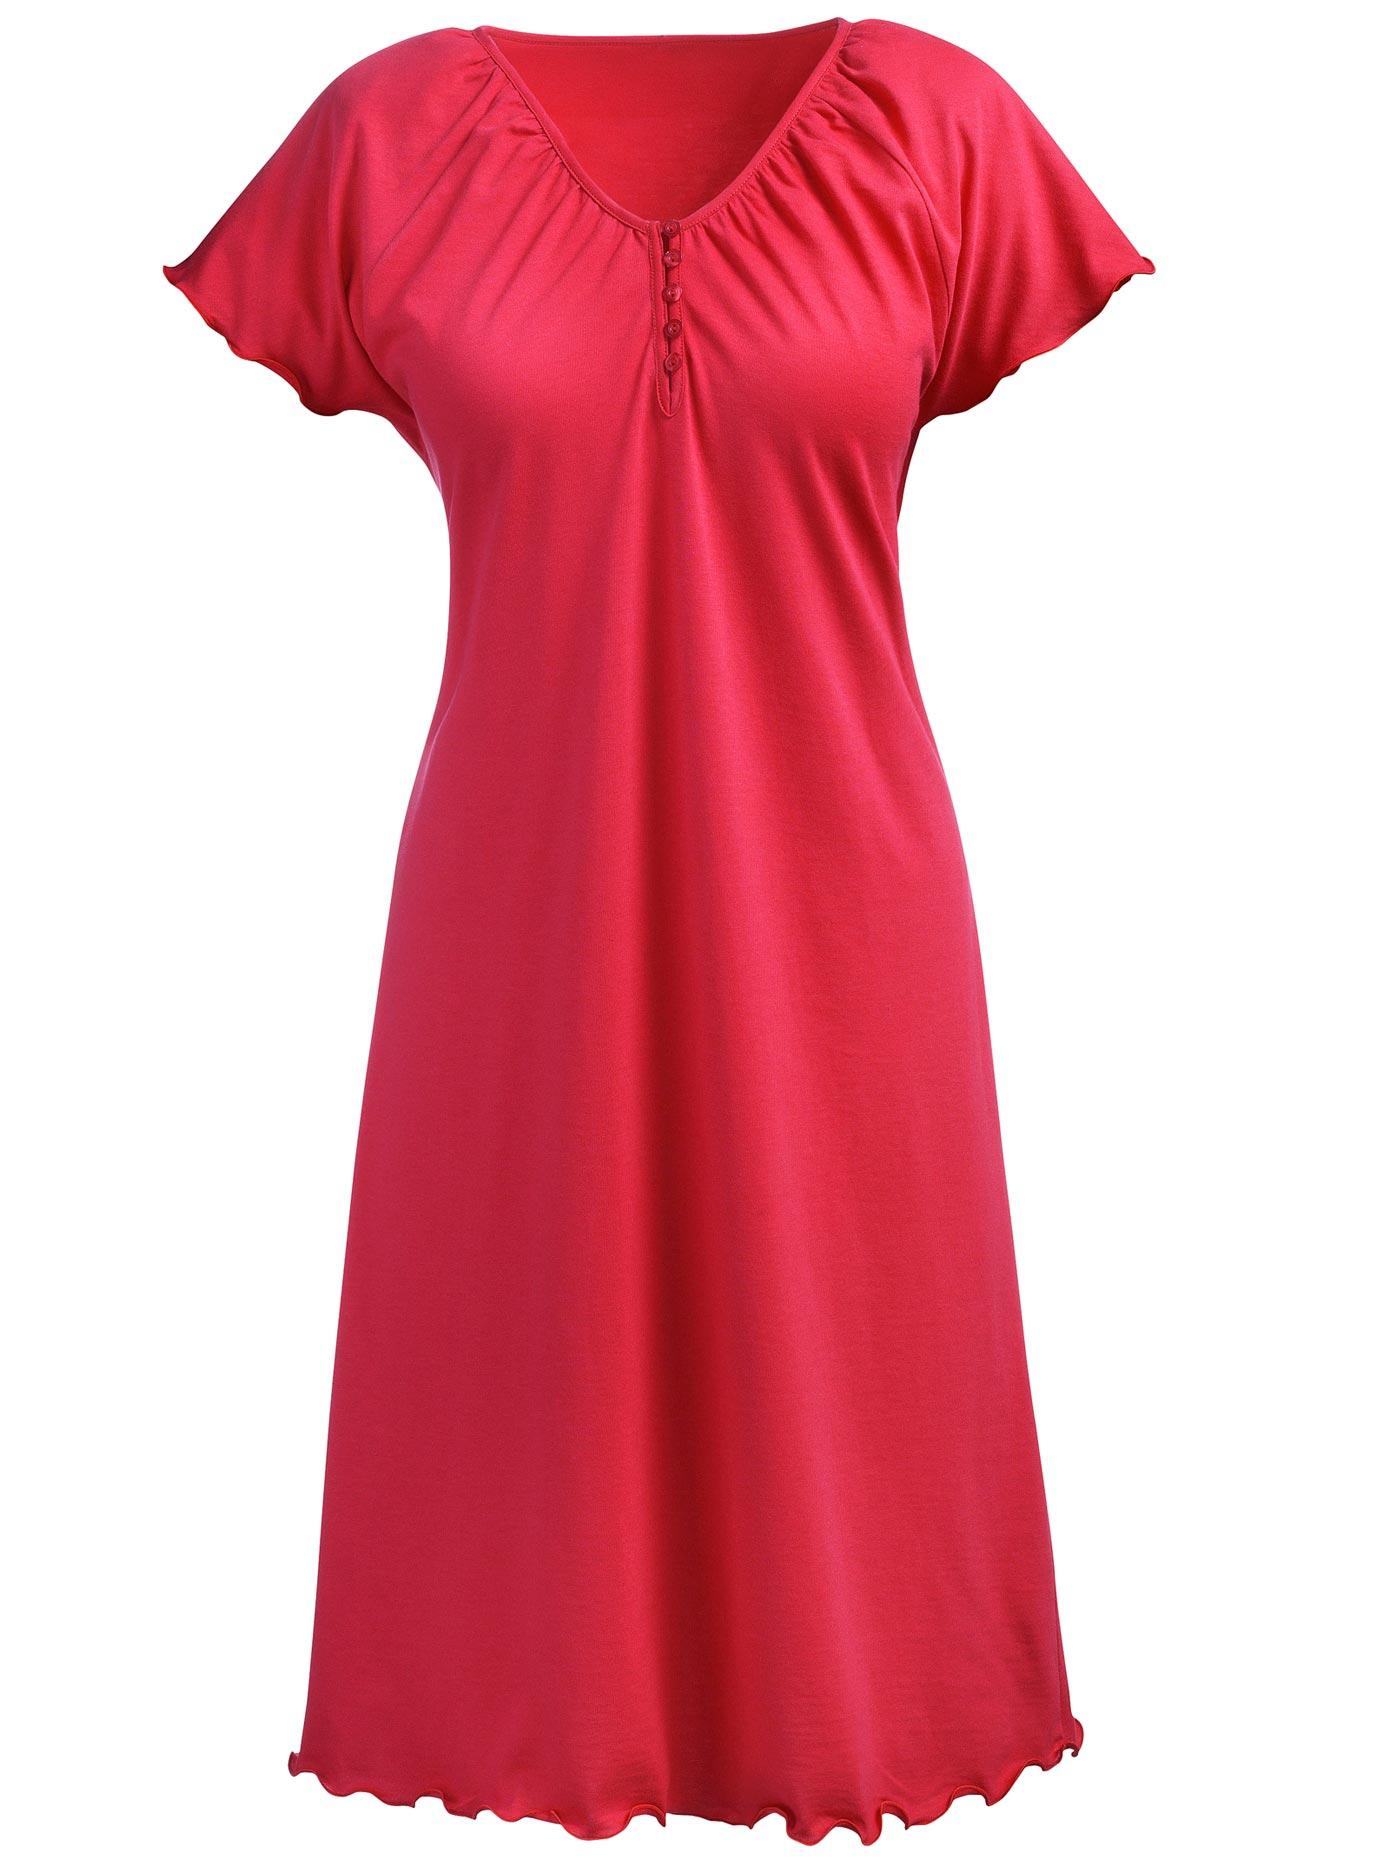 Image of Arabella Sleepshirt